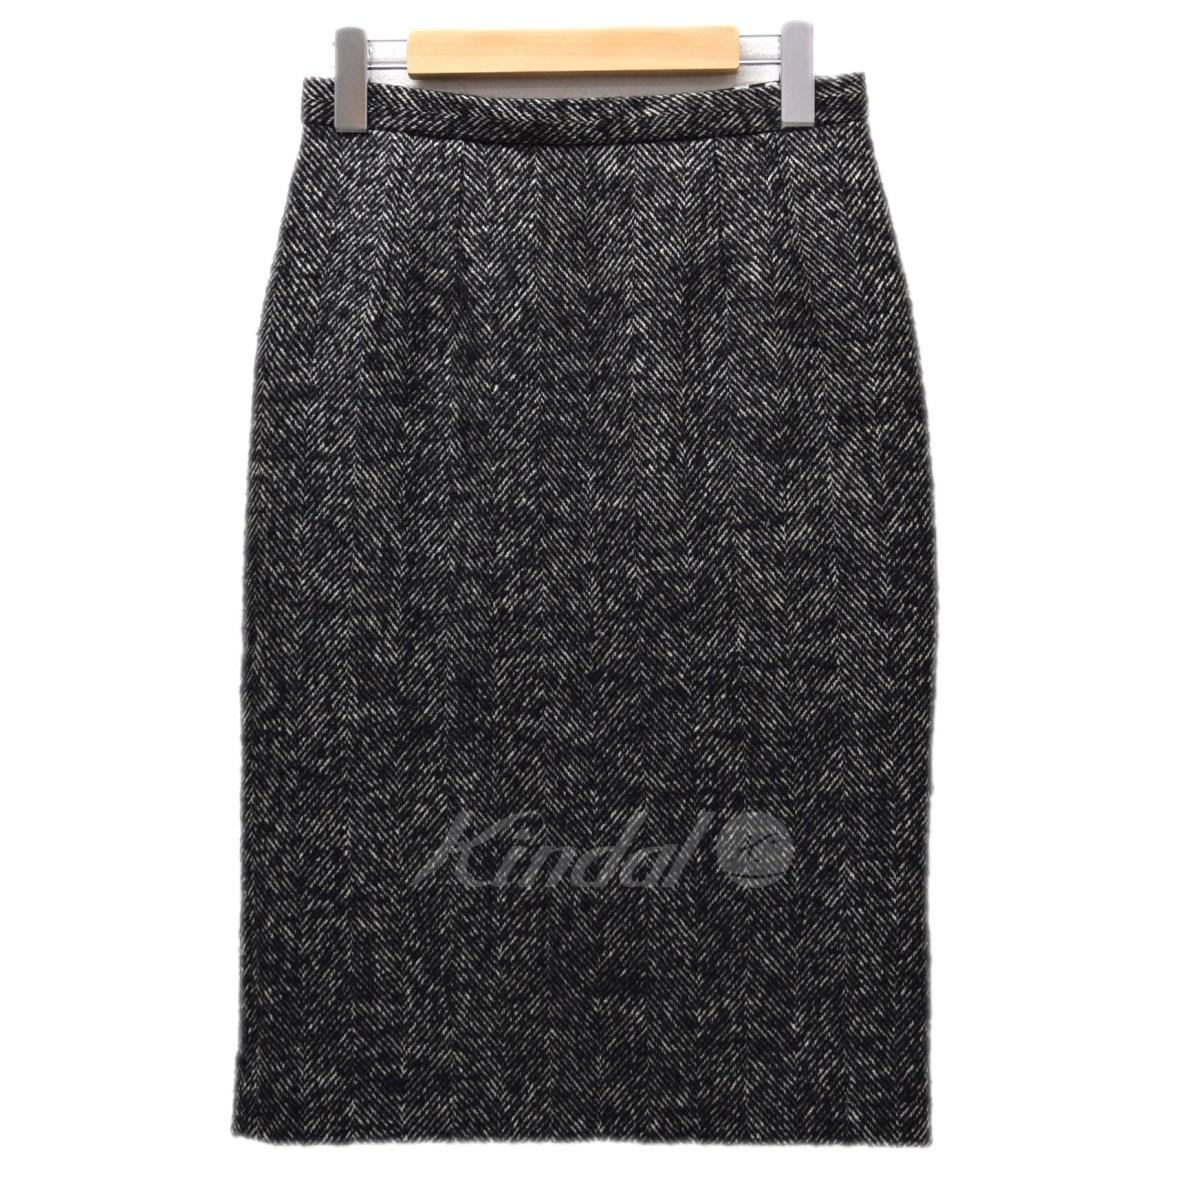 【中古】DOLCE&GABBANA ヘリンボンツイードスカート ブラック サイズ:40 【210120】(ドルチェアンドガッバーナ)